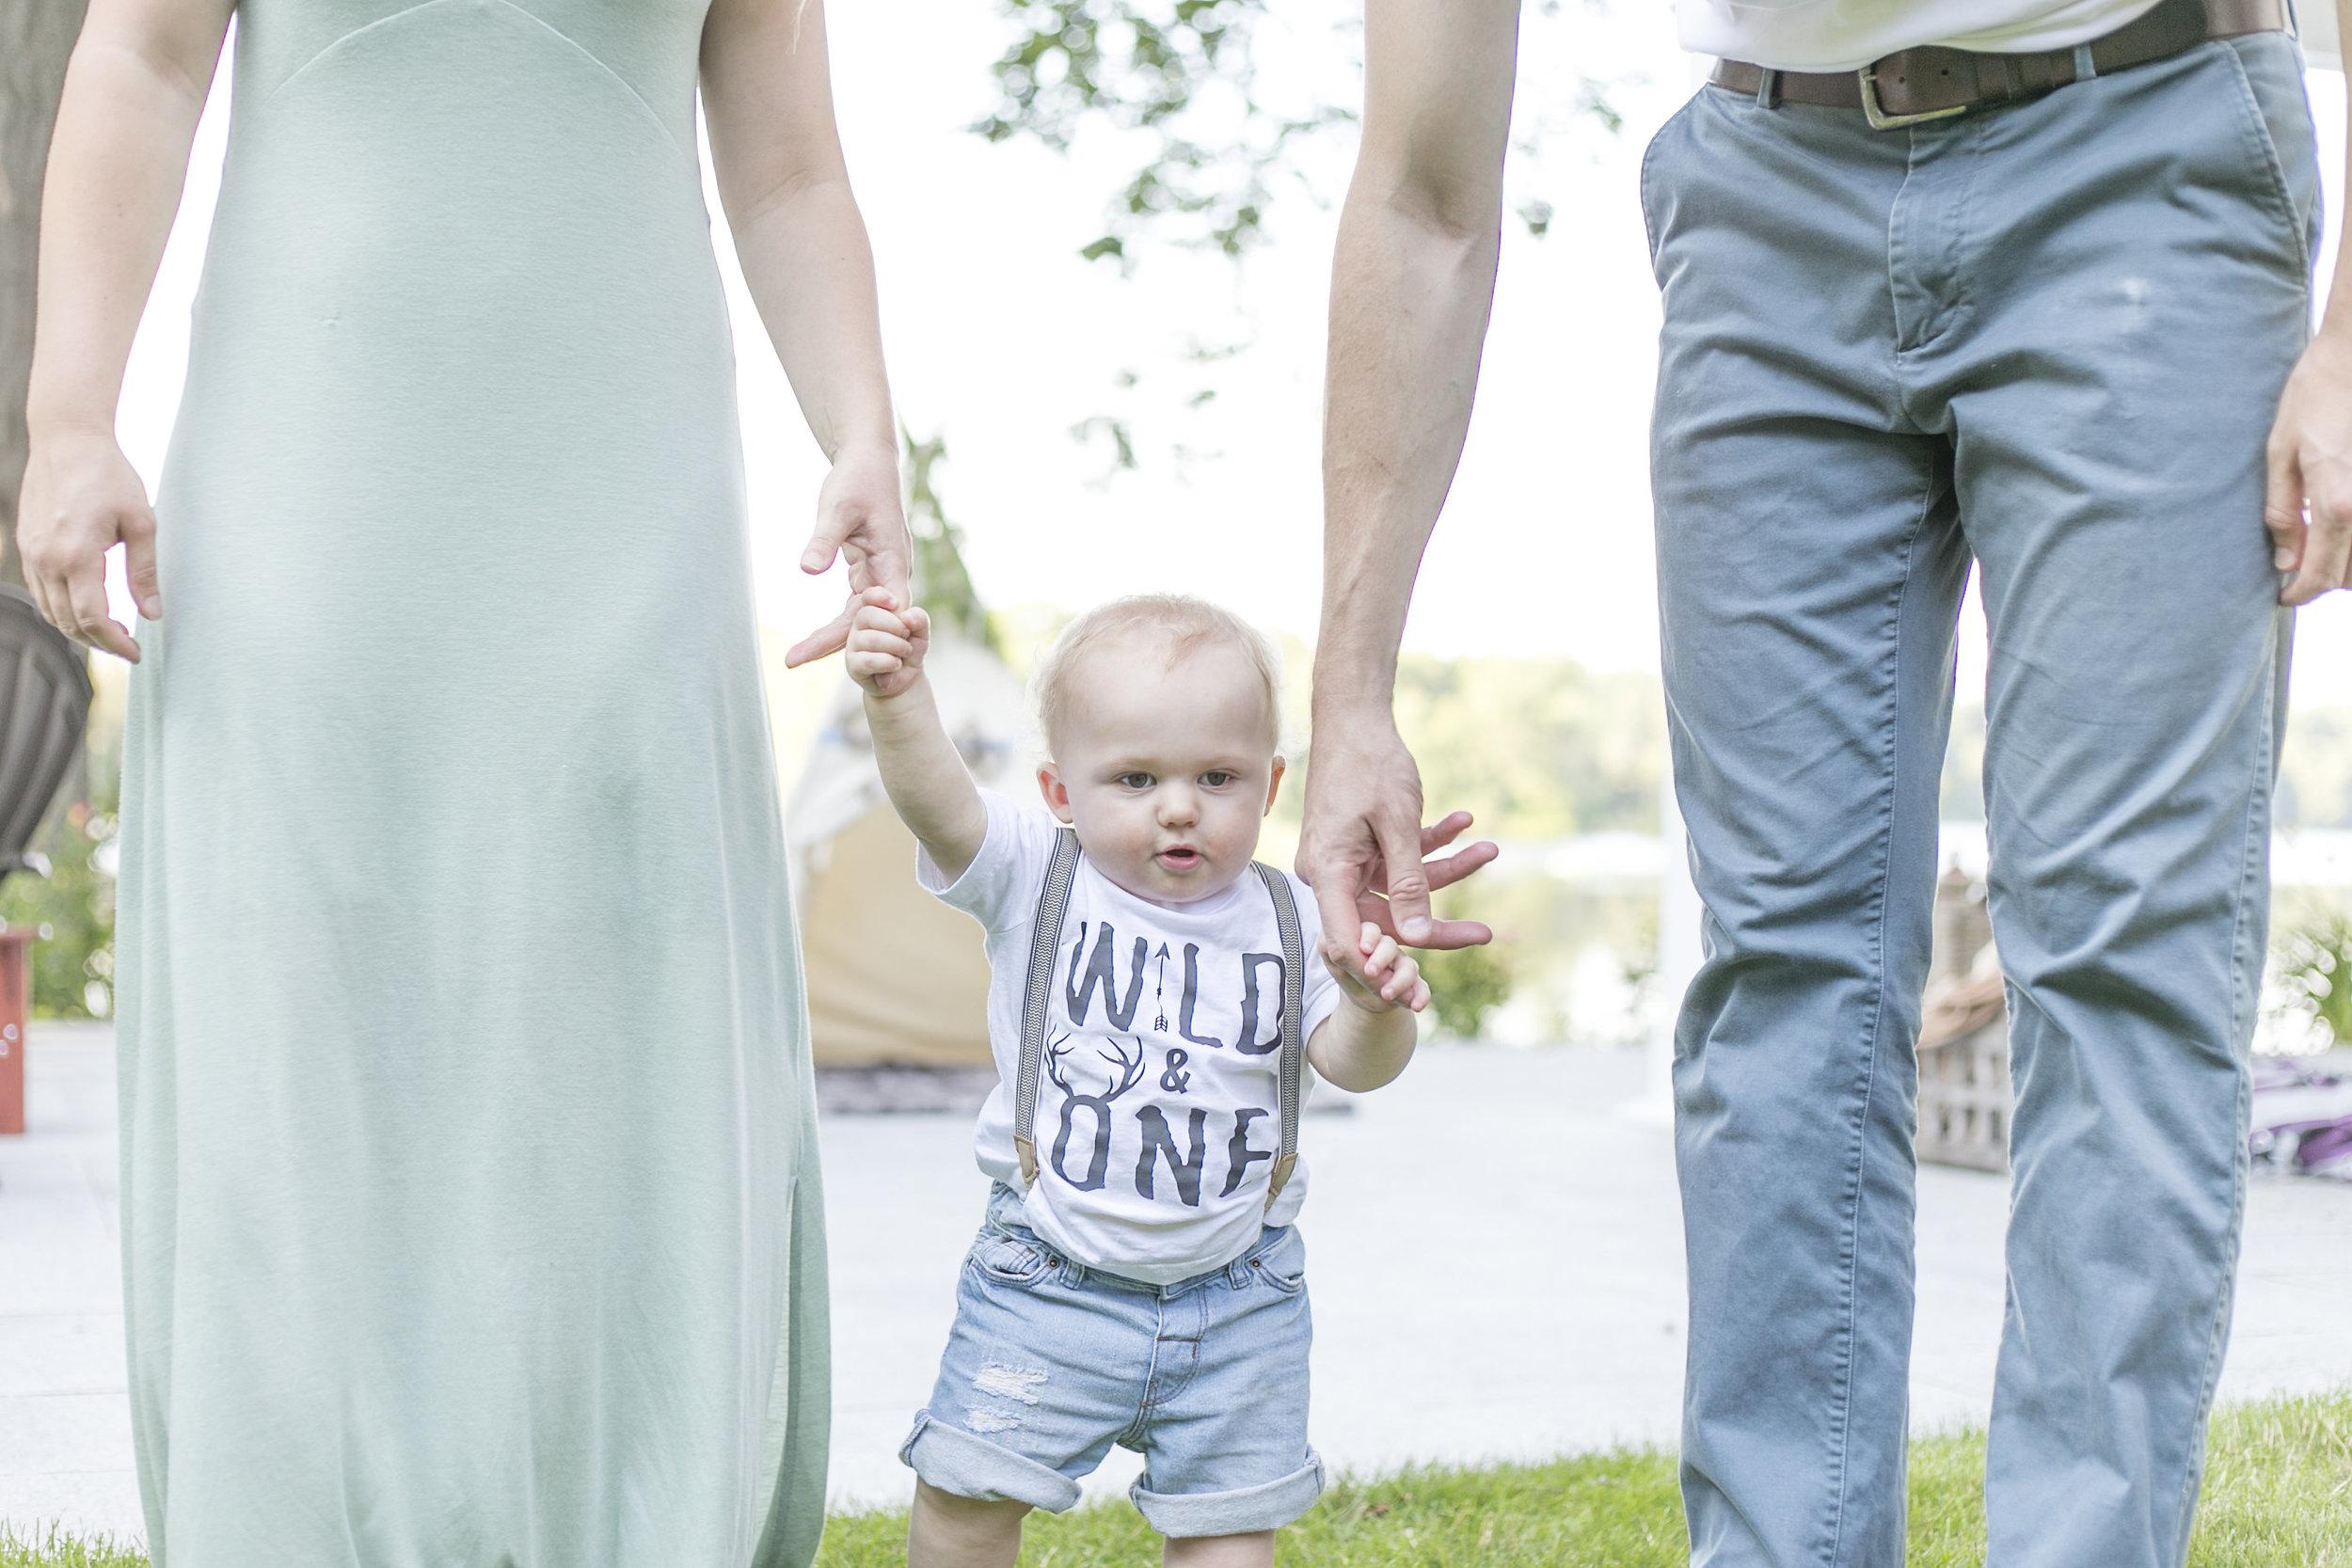 boston wellesley family photographer erica pezente